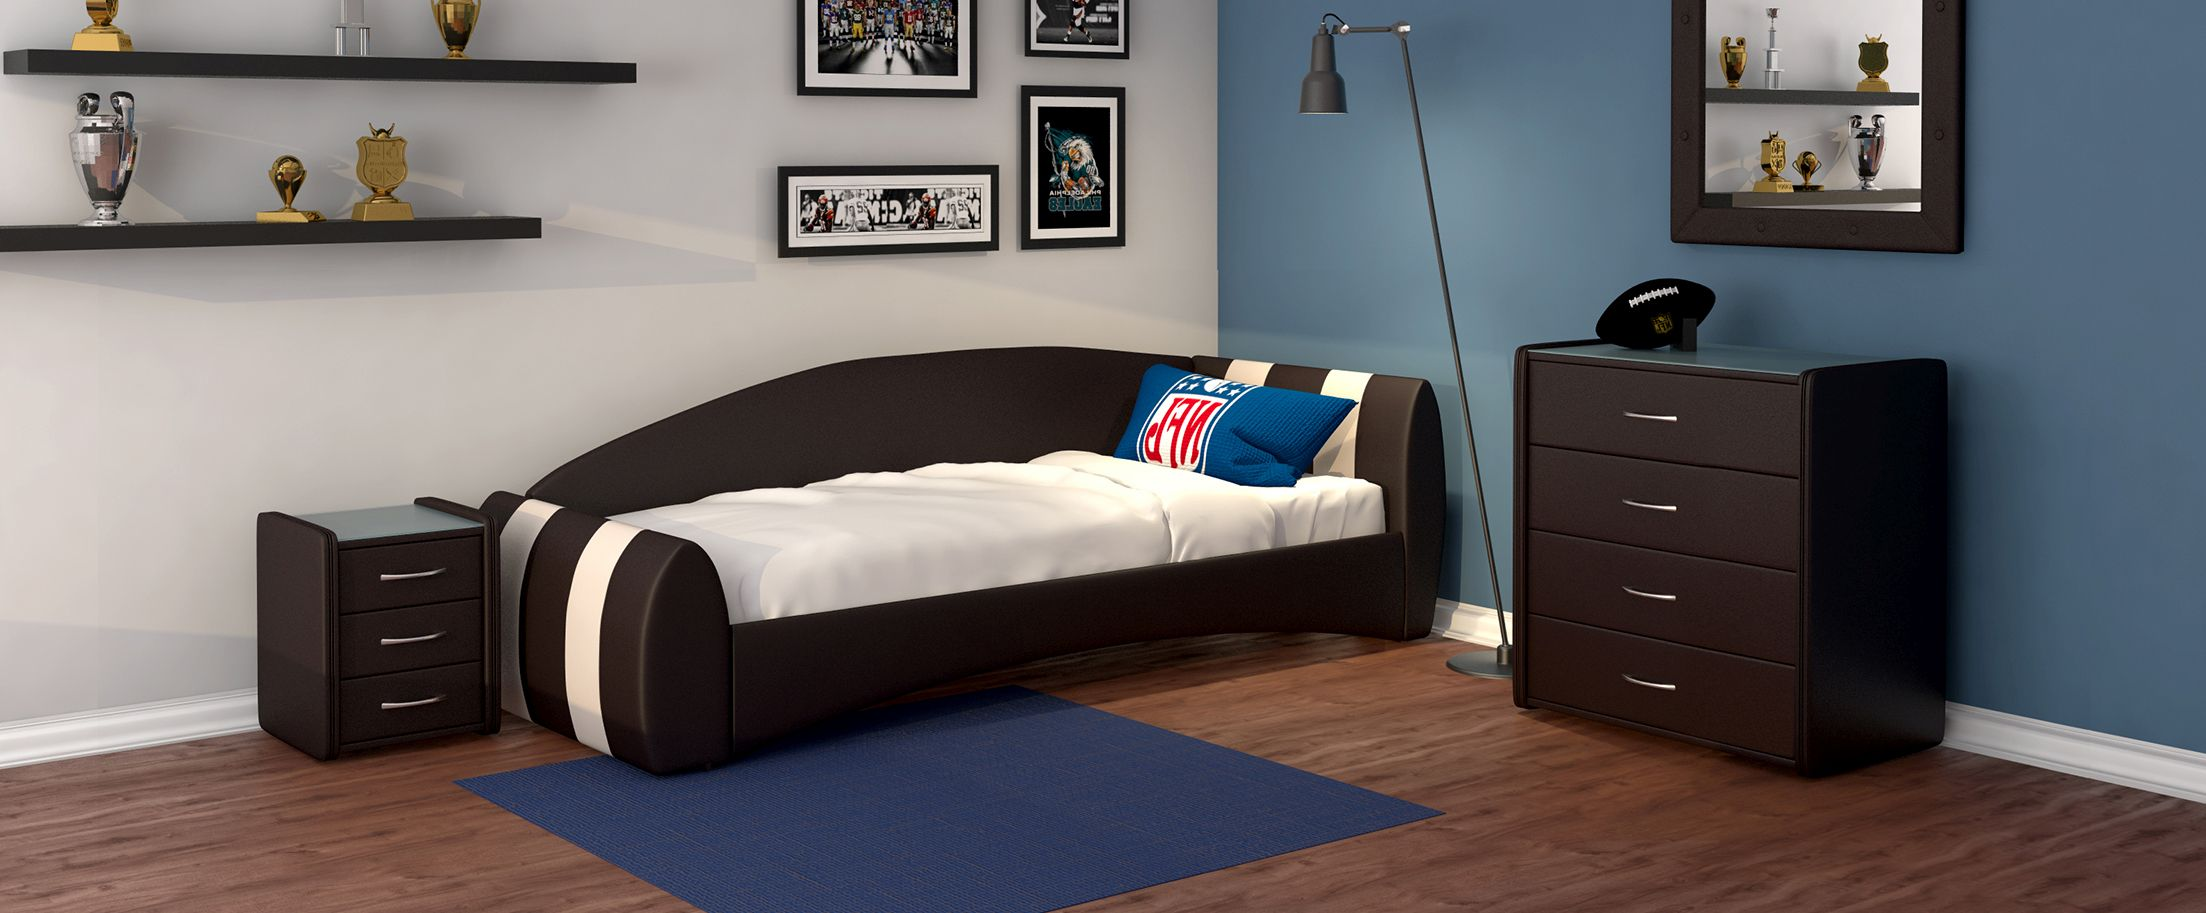 Кровать односпальная Кальвет (правая) Модель 386Односпальная модель с современным дизайном отлично впишется в интерьер подростковой комнаты. Расположение спинки возможно как левое, так и правое.<br><br>Ширина см: 99<br>Глубина см: 250<br>Высота см: 81<br>Ширина спального места см: 90<br>Глубина спального места см: 190<br>Встроенное основание: Есть<br>Материал каркаса: ДСП<br>Материал обивки: Экокожа<br>Подъемный механизм: Нет<br>Цвет: Бежевый, Коричневый<br>Код ткани: Рожь, Кофе